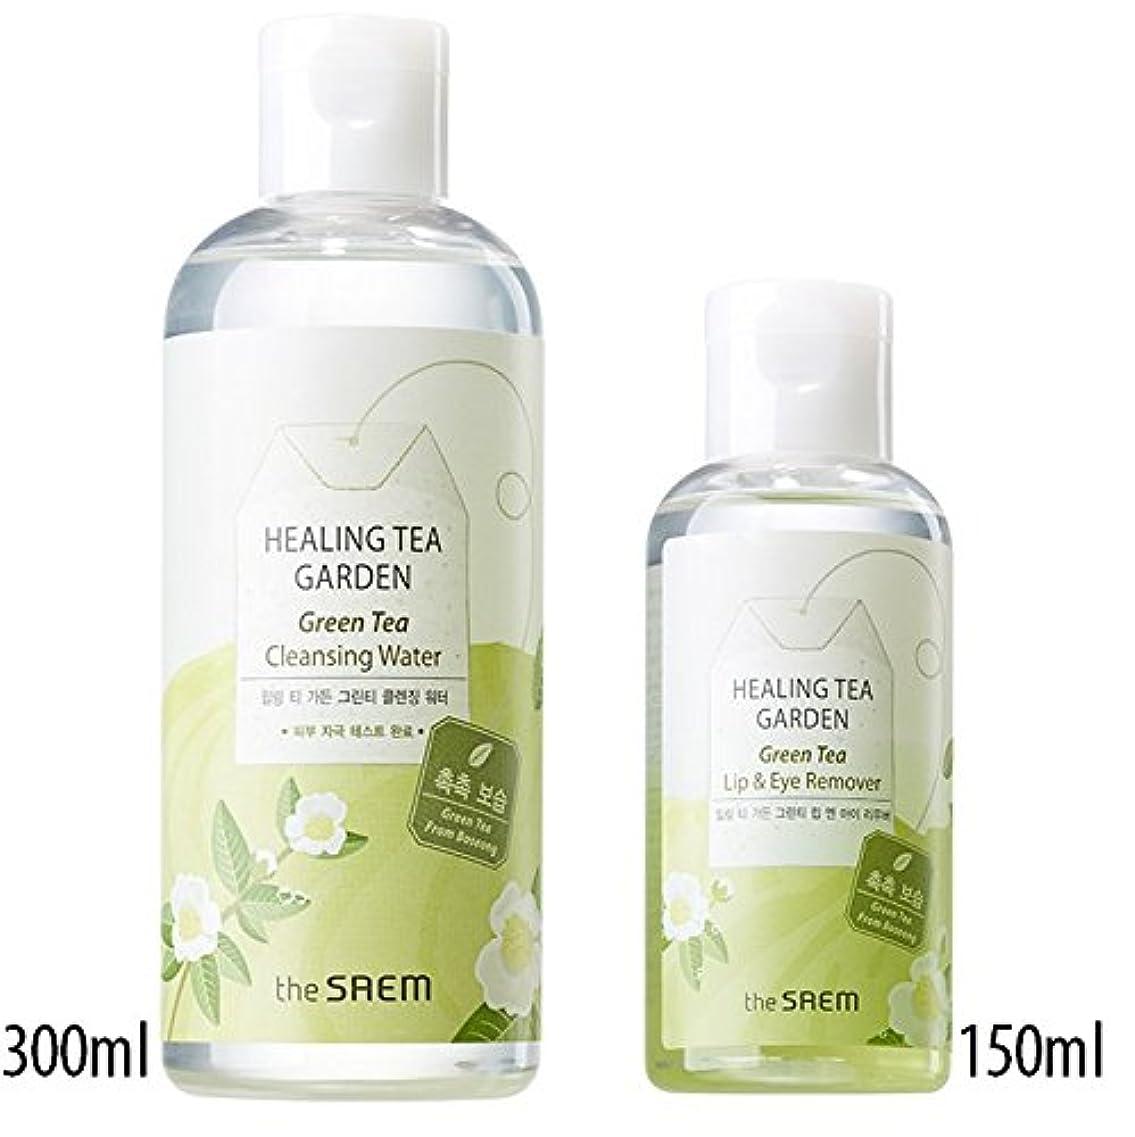 鼻シビックウォーターフロント[1+1] The Saem Green Tea (Lip & Eye Remover + Cleansing Water)ザセム ヒーリングティーガーデングリーンティーリップ&アイリムーバー+ ヒー クレンジングウォーター...